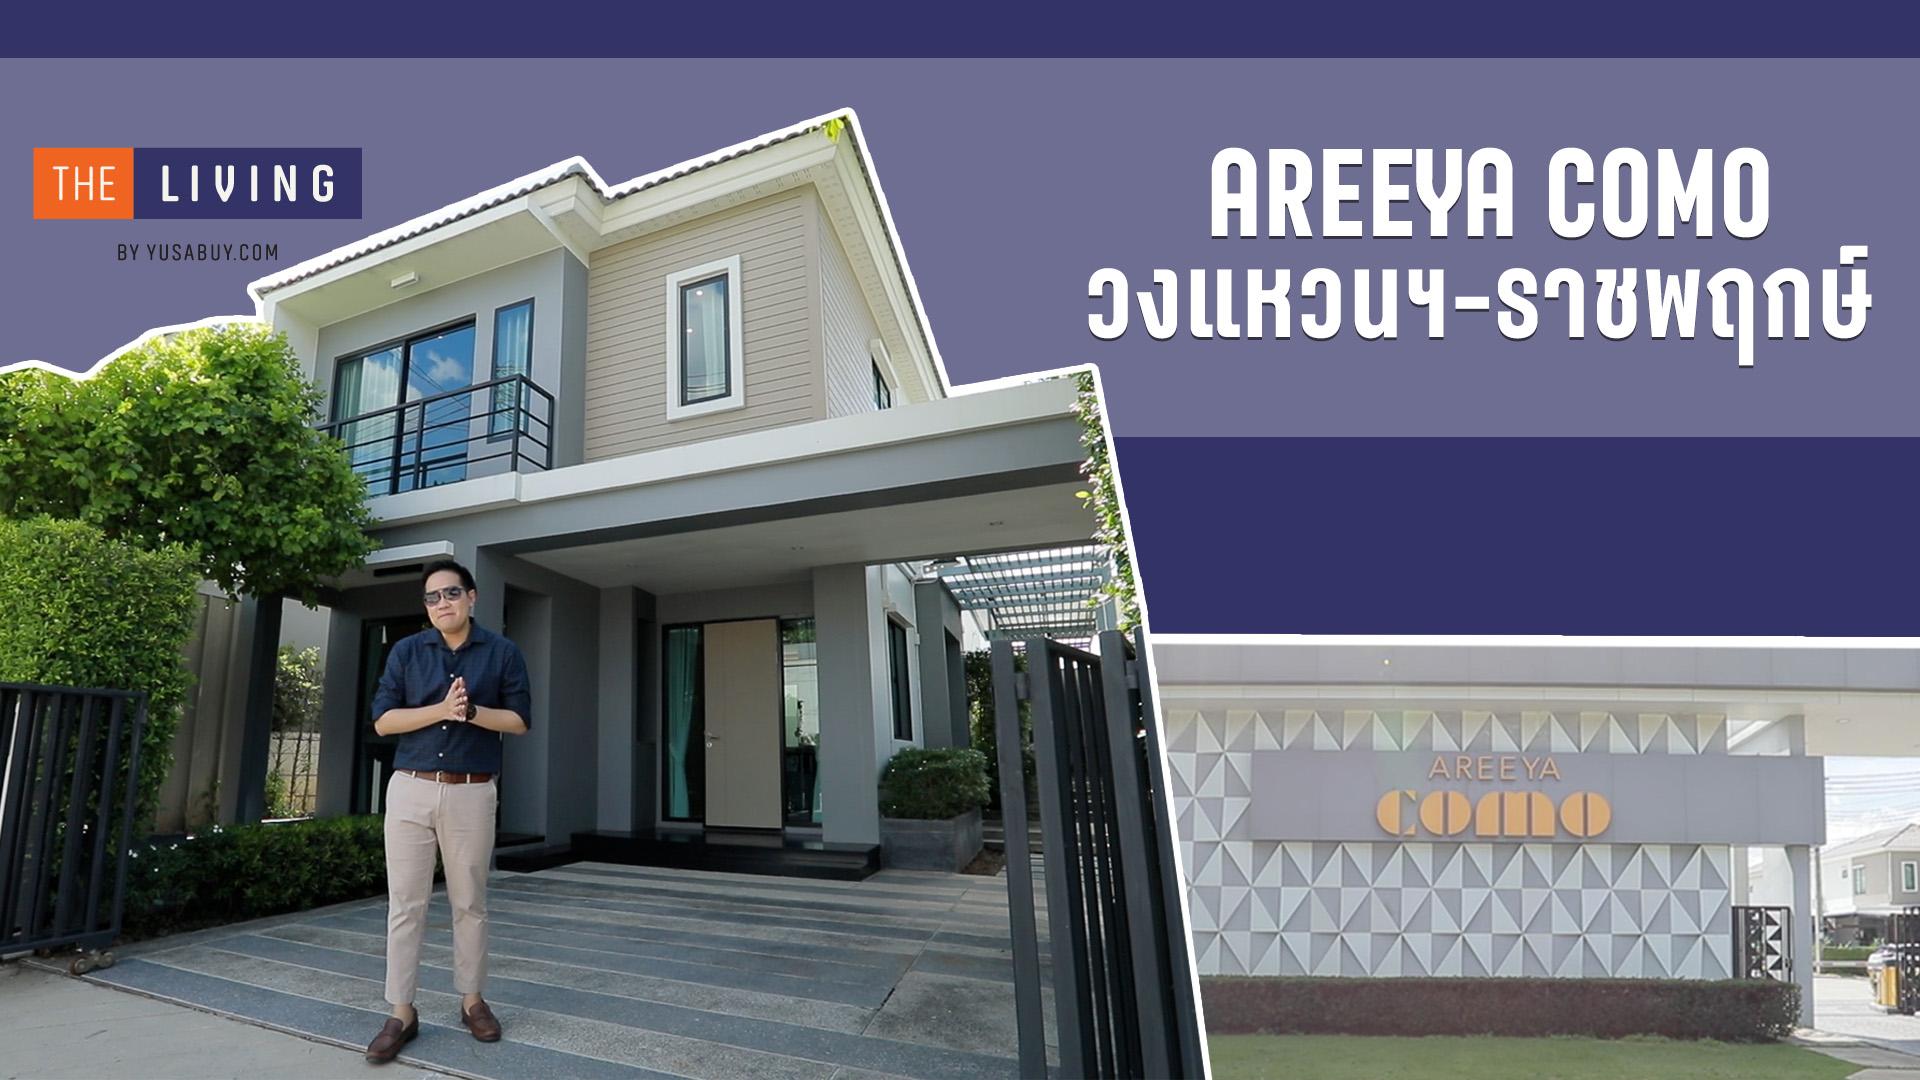 รีวิว Areeya Como วงแหวนฯ-ราชพฤกษ์ (อารียา โคโม่ วงแหวนฯ-ราชพฤกษ์) บ้านสไตล์โมเดิร์น คอนเซ็ปต์ดีไซน์ชีวิตสุขนิยม